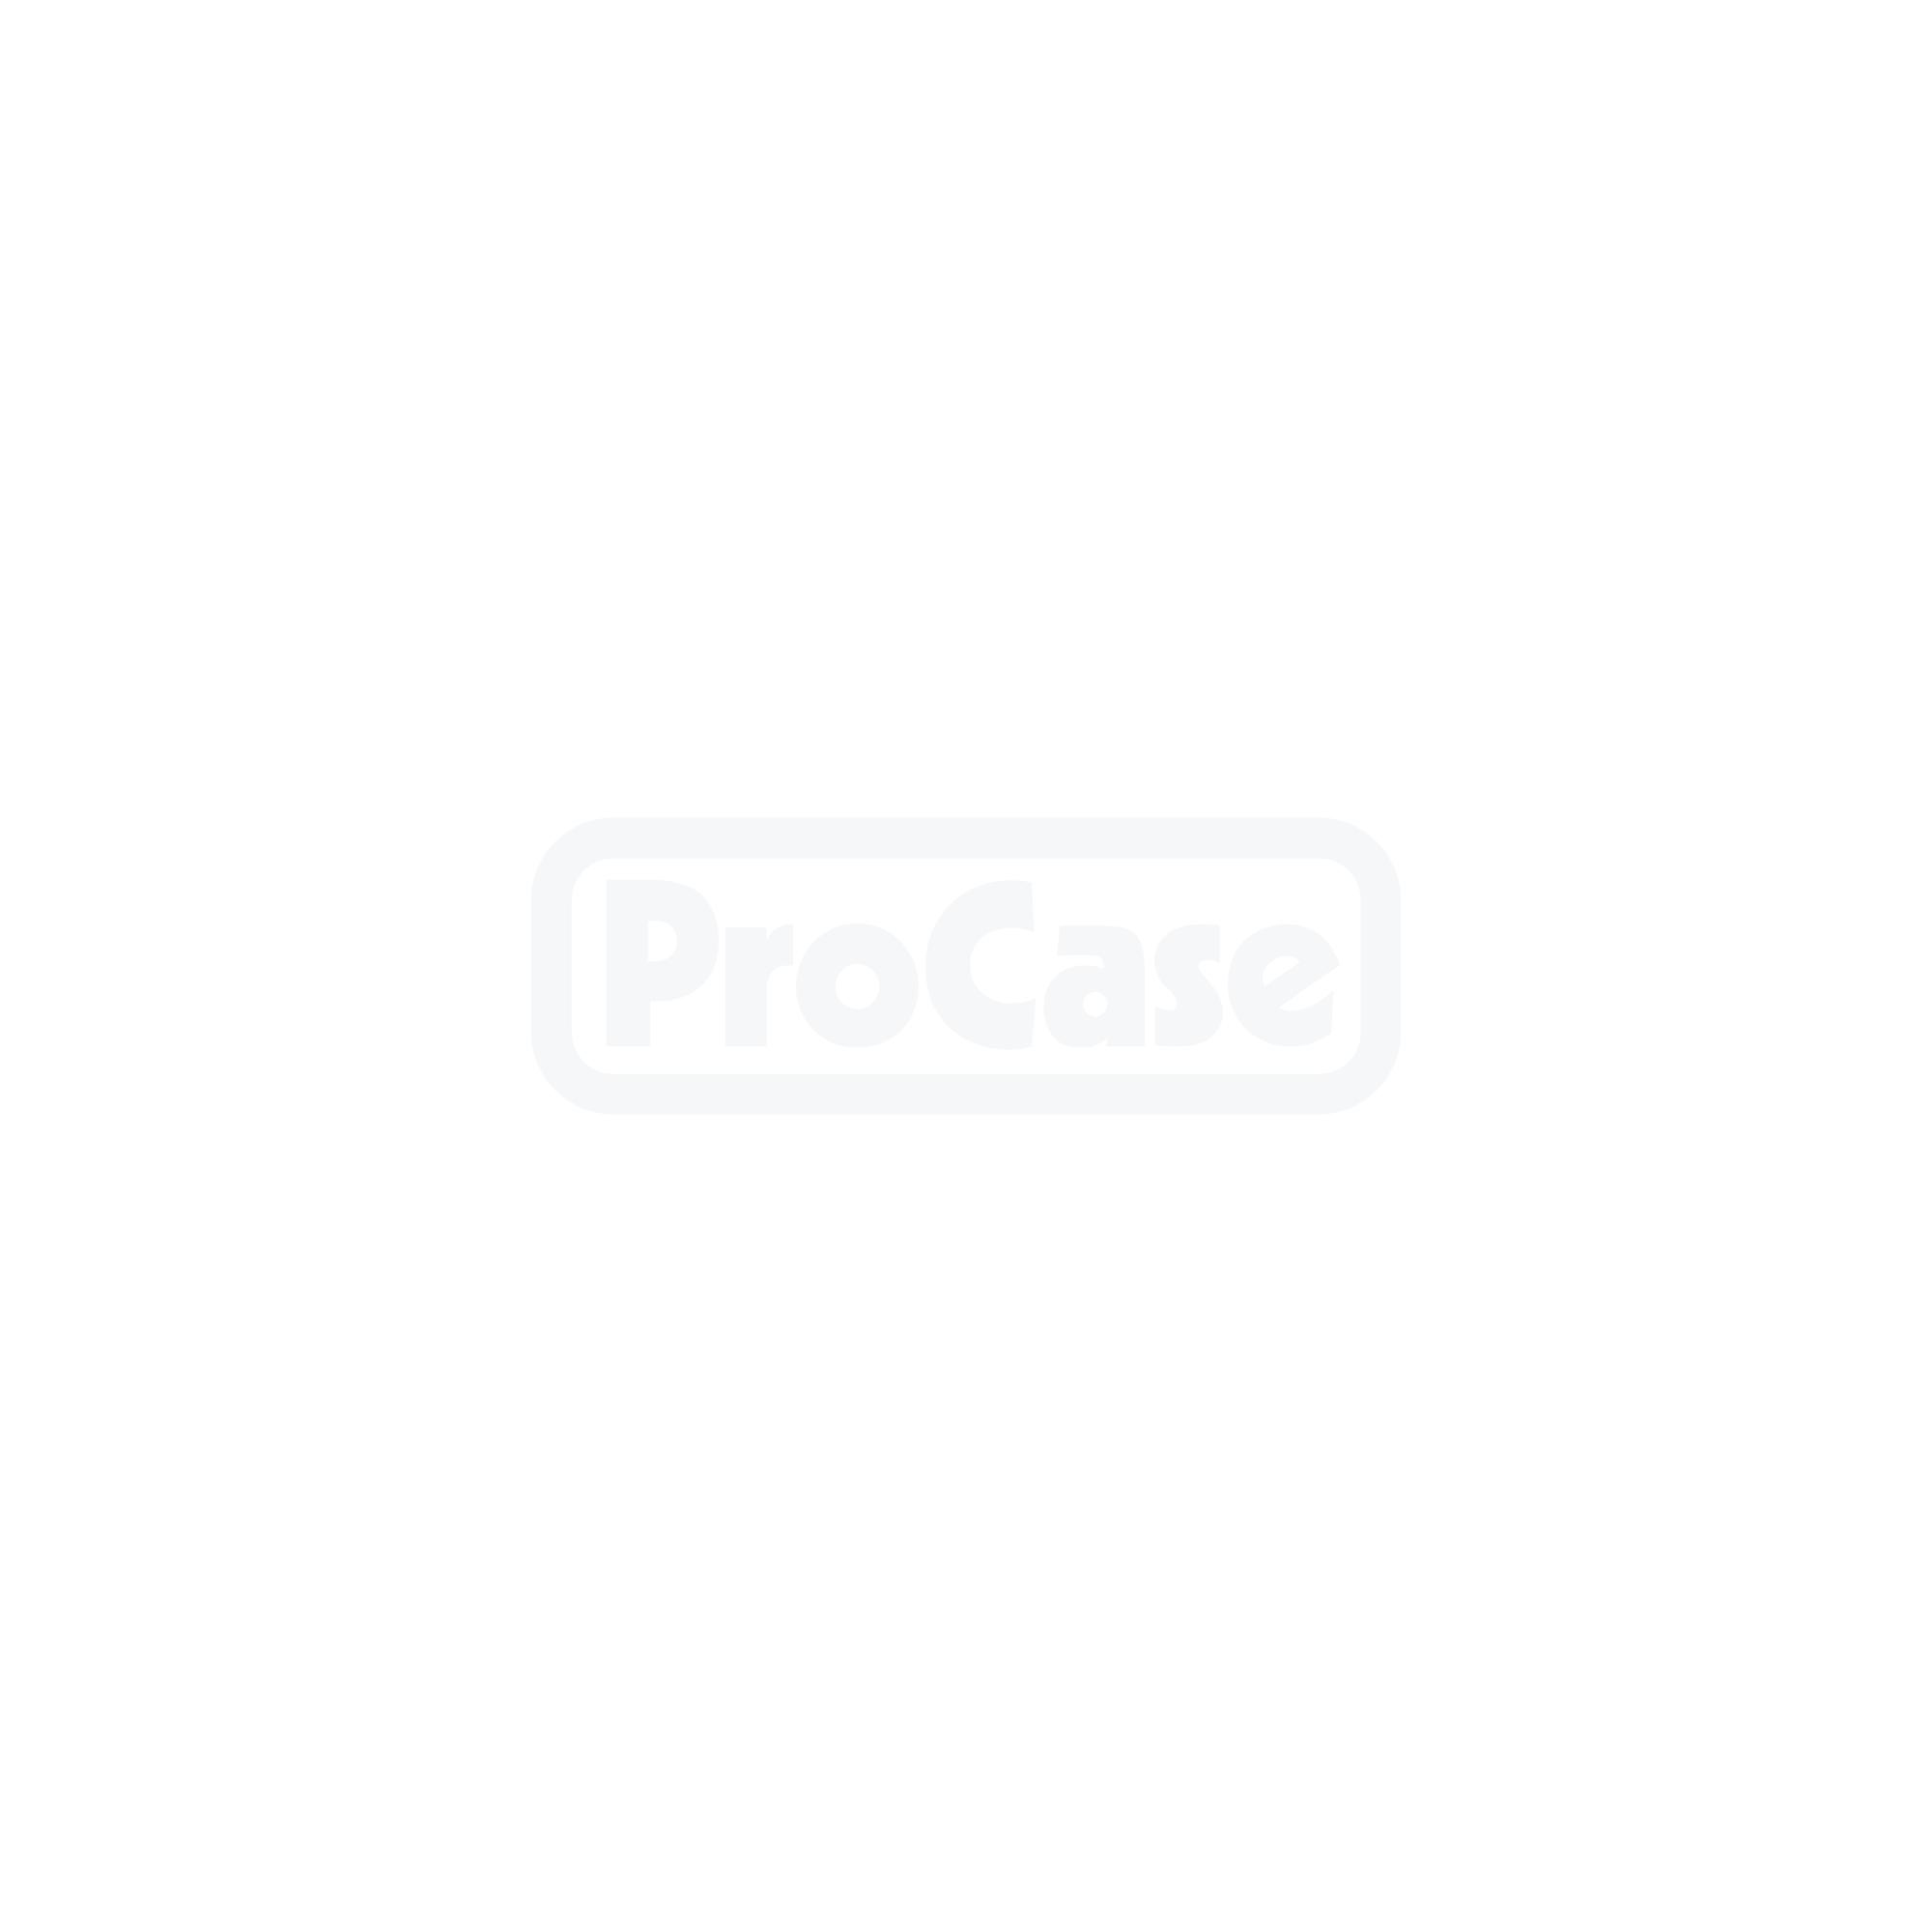 Standard-Koffer für Canon HJ11ex4.7B-IASE 2